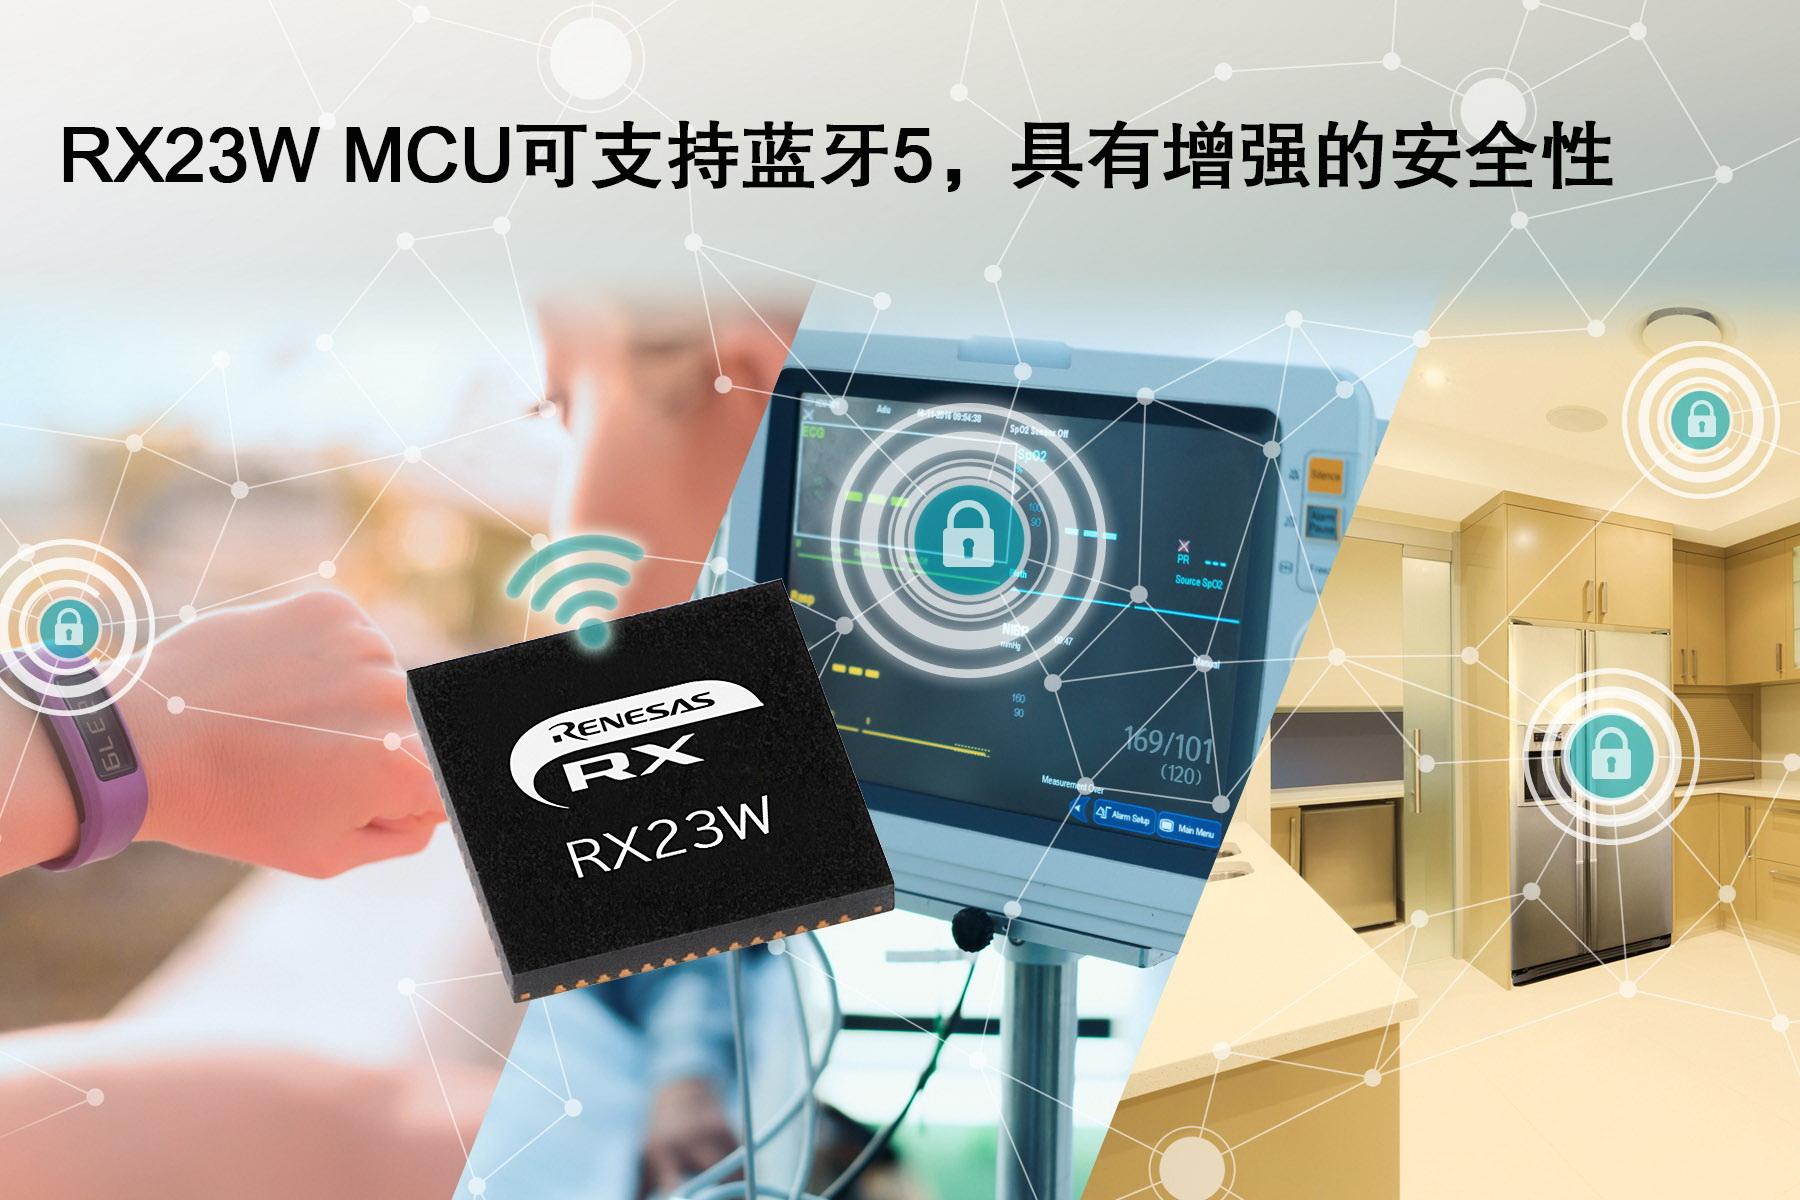 瑞萨电子推出32位RX23W微控制器 为IoT终端设备提供Bluetooth 5.0